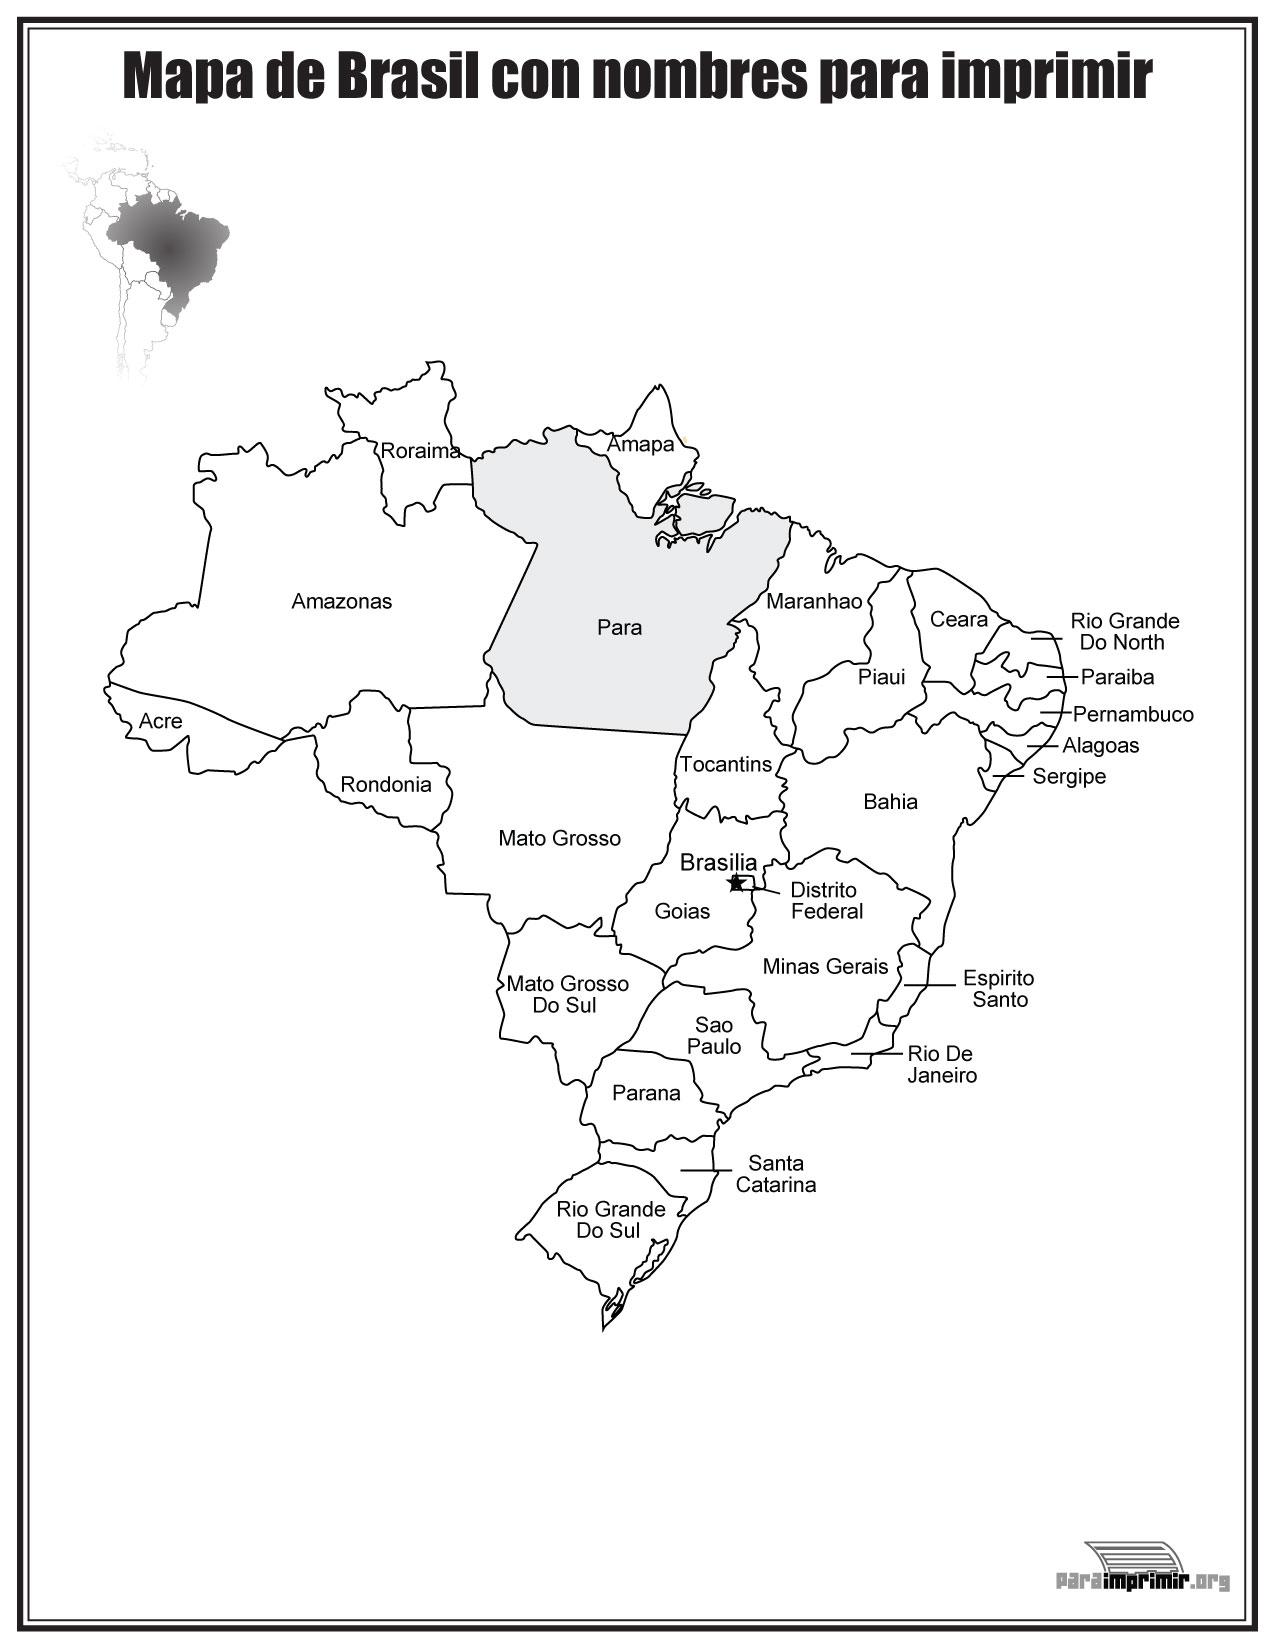 Mapa de Brazil con nombres para imprimir